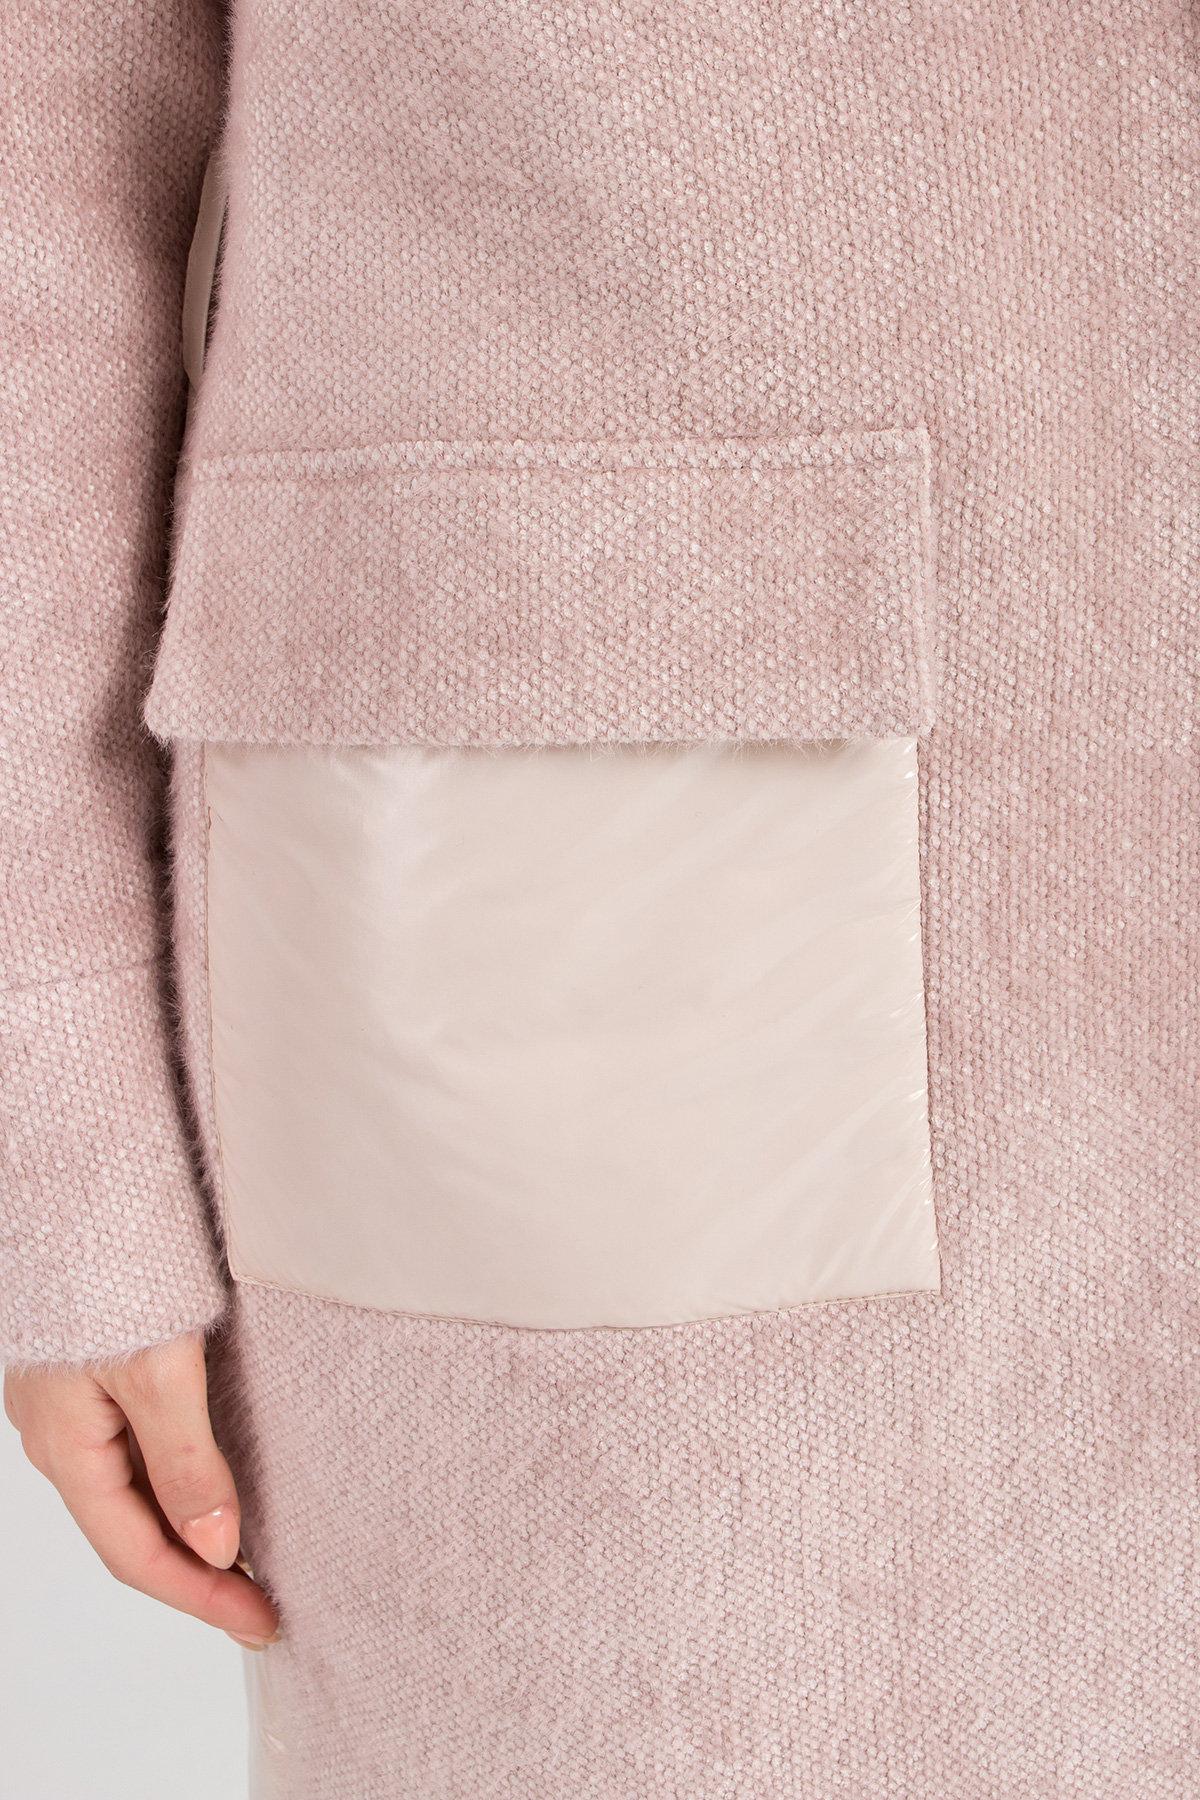 Комбинированное пальто Монклер 8884 АРТ. 45205 Цвет: Пудра/молоко - фото 7, интернет магазин tm-modus.ru